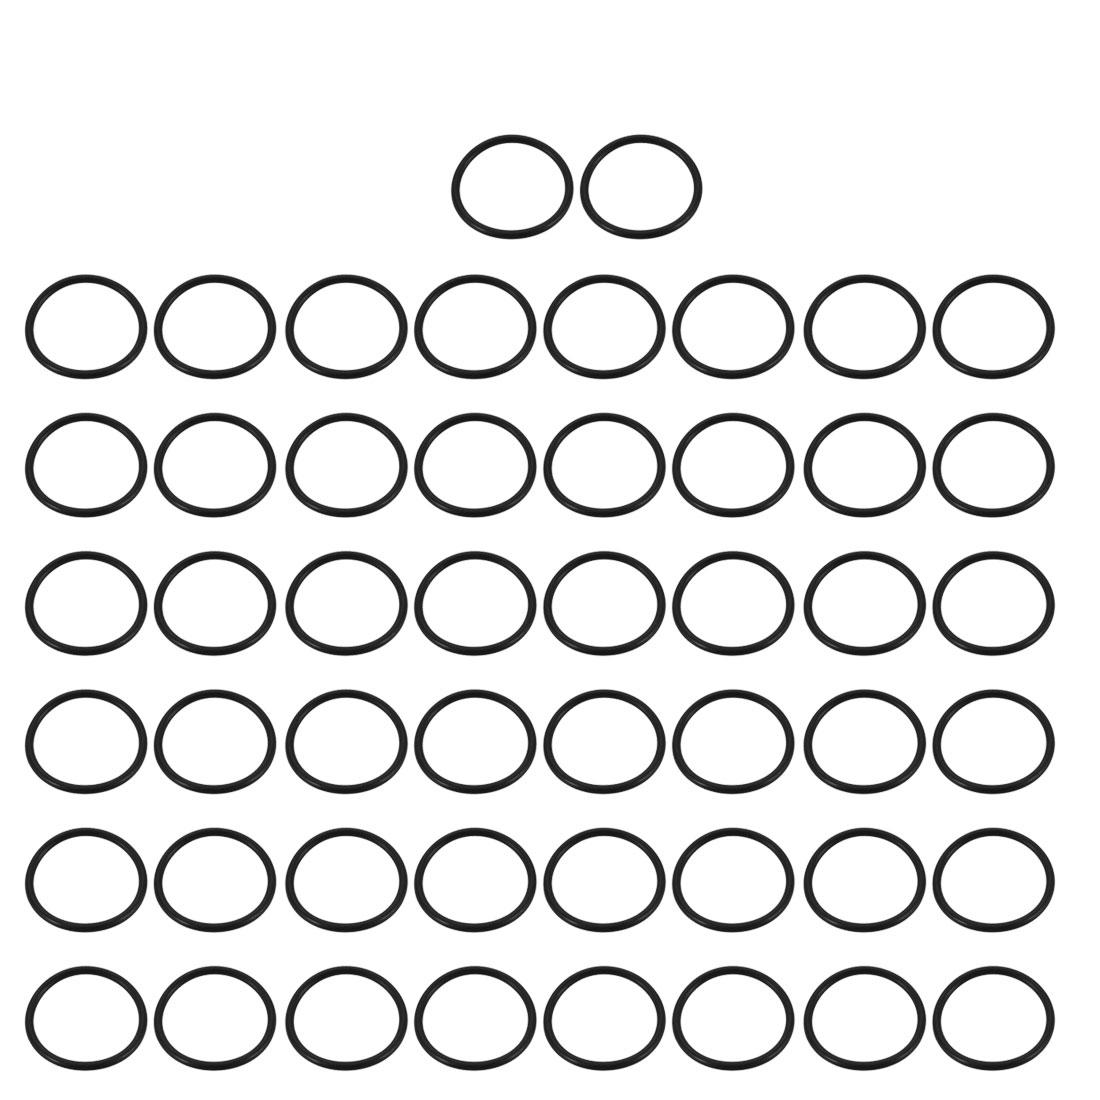 50pcs Black Nitrile Butadiene Rubber NBR O-Ring 27.24mm Inner Dia 2.4mm Width